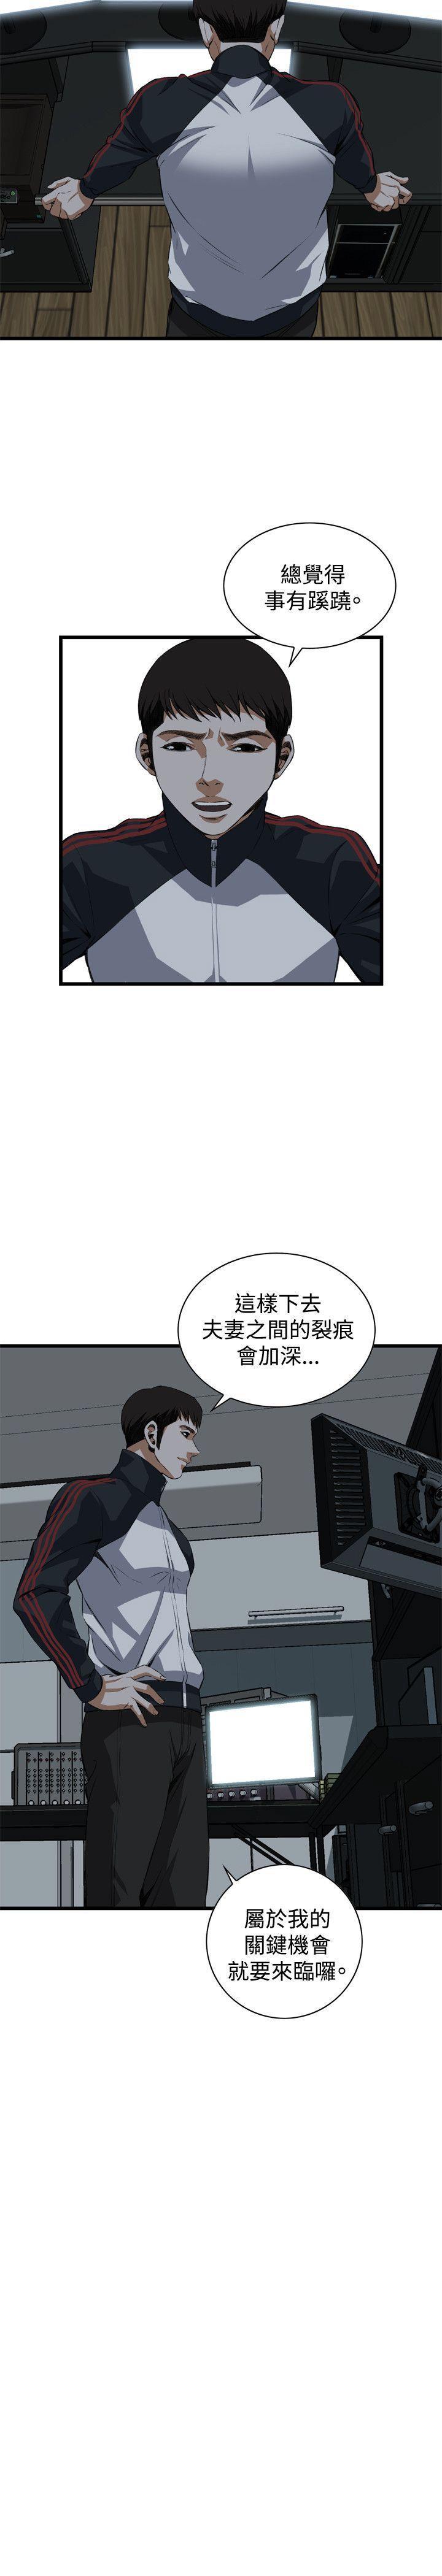 偷窥72-93 Chinese Rsiky 46